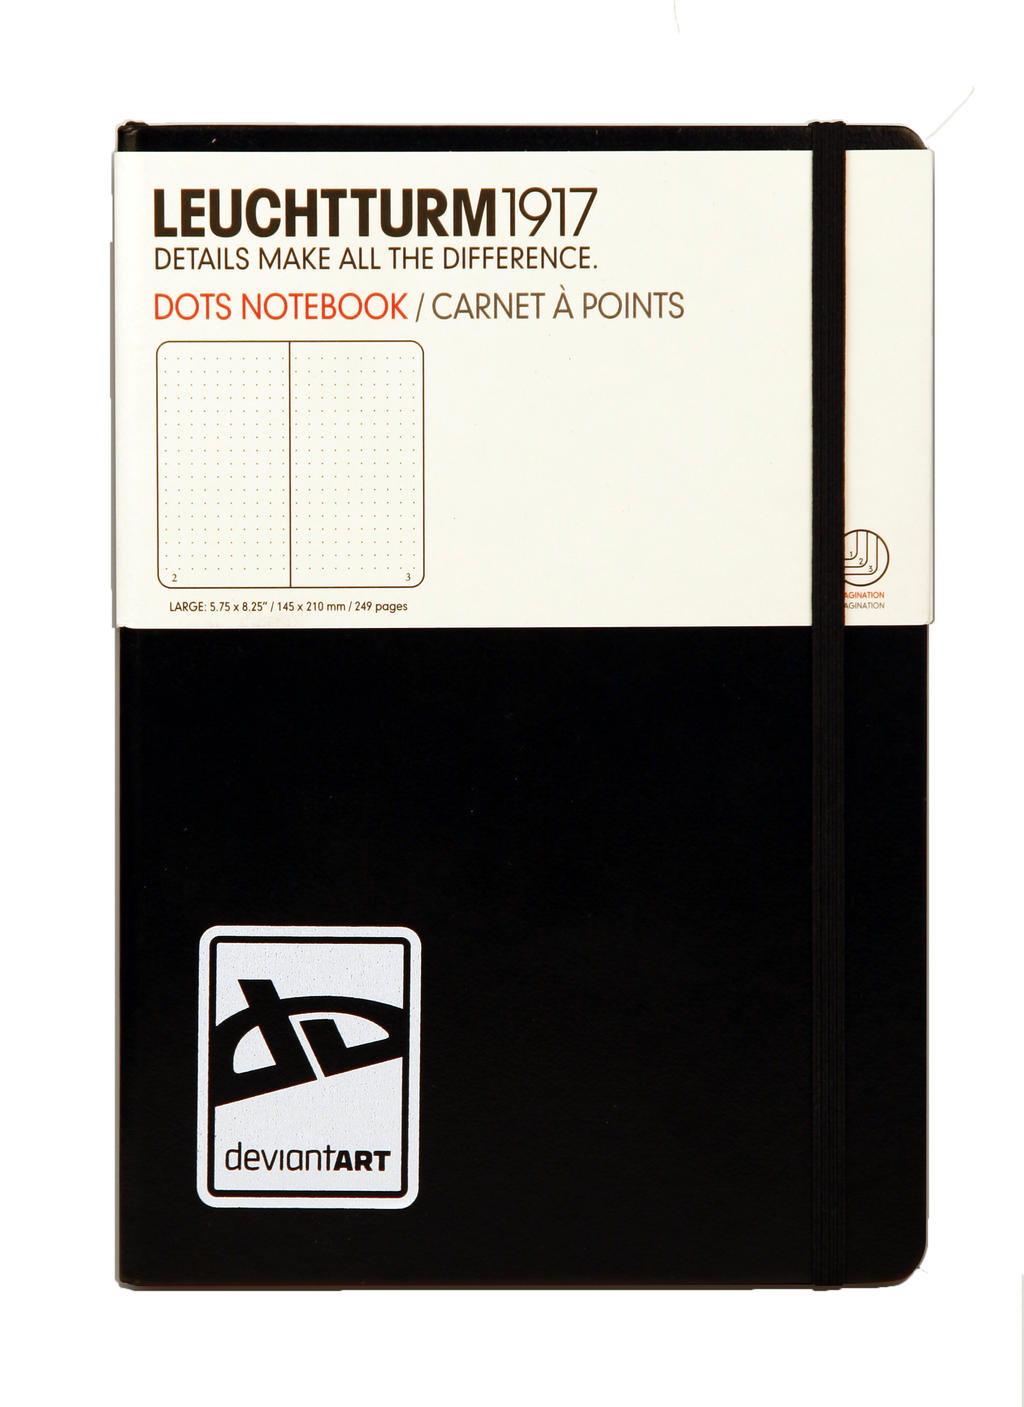 dA Large Notebook by Leuchtturm by deviantARTGear